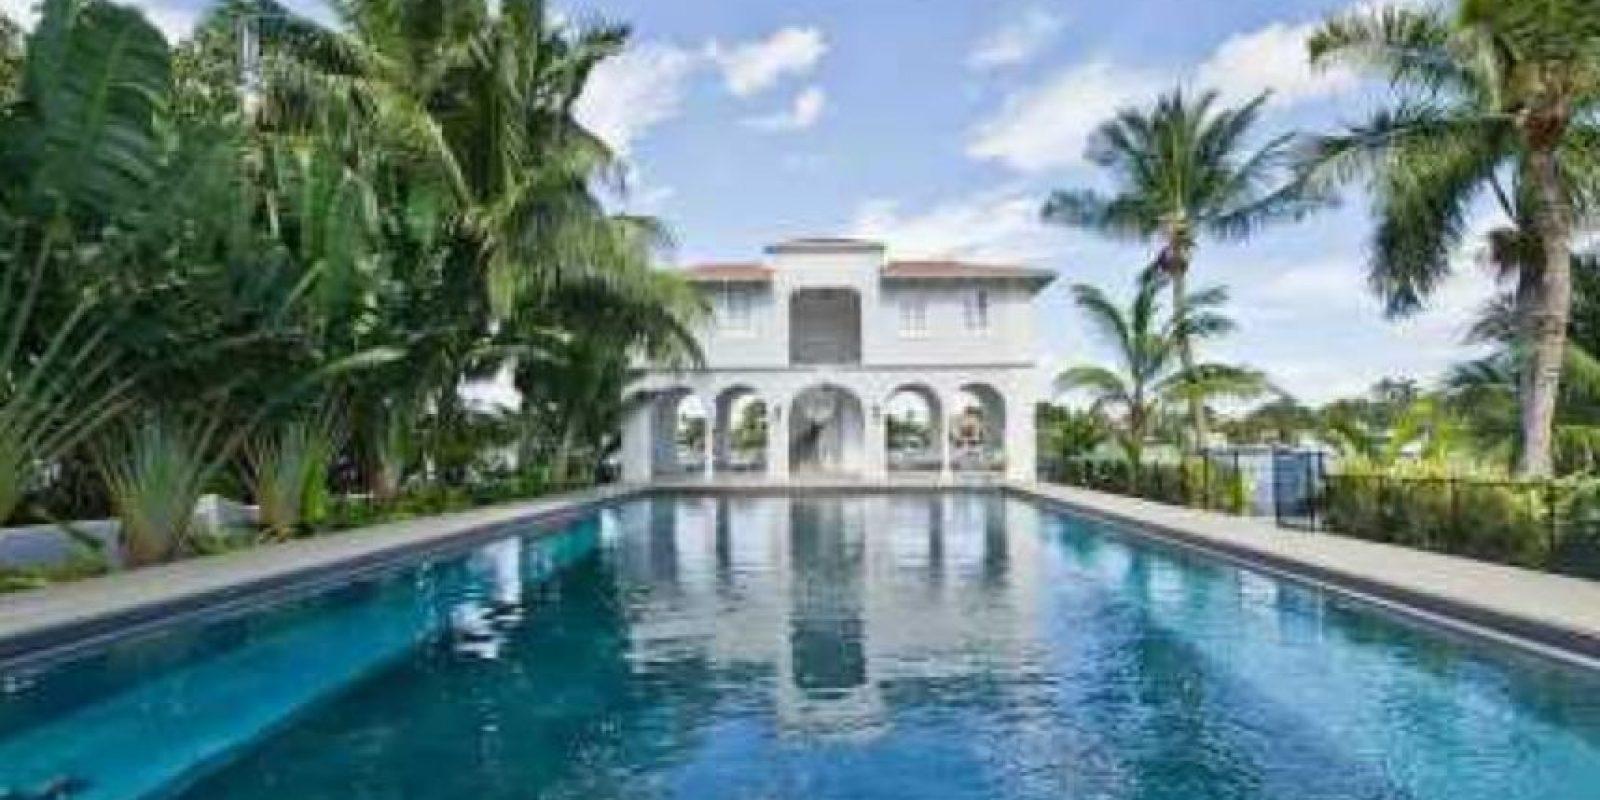 Tenía una mansión en Miami. Foto:vía Micasaenflorida.com